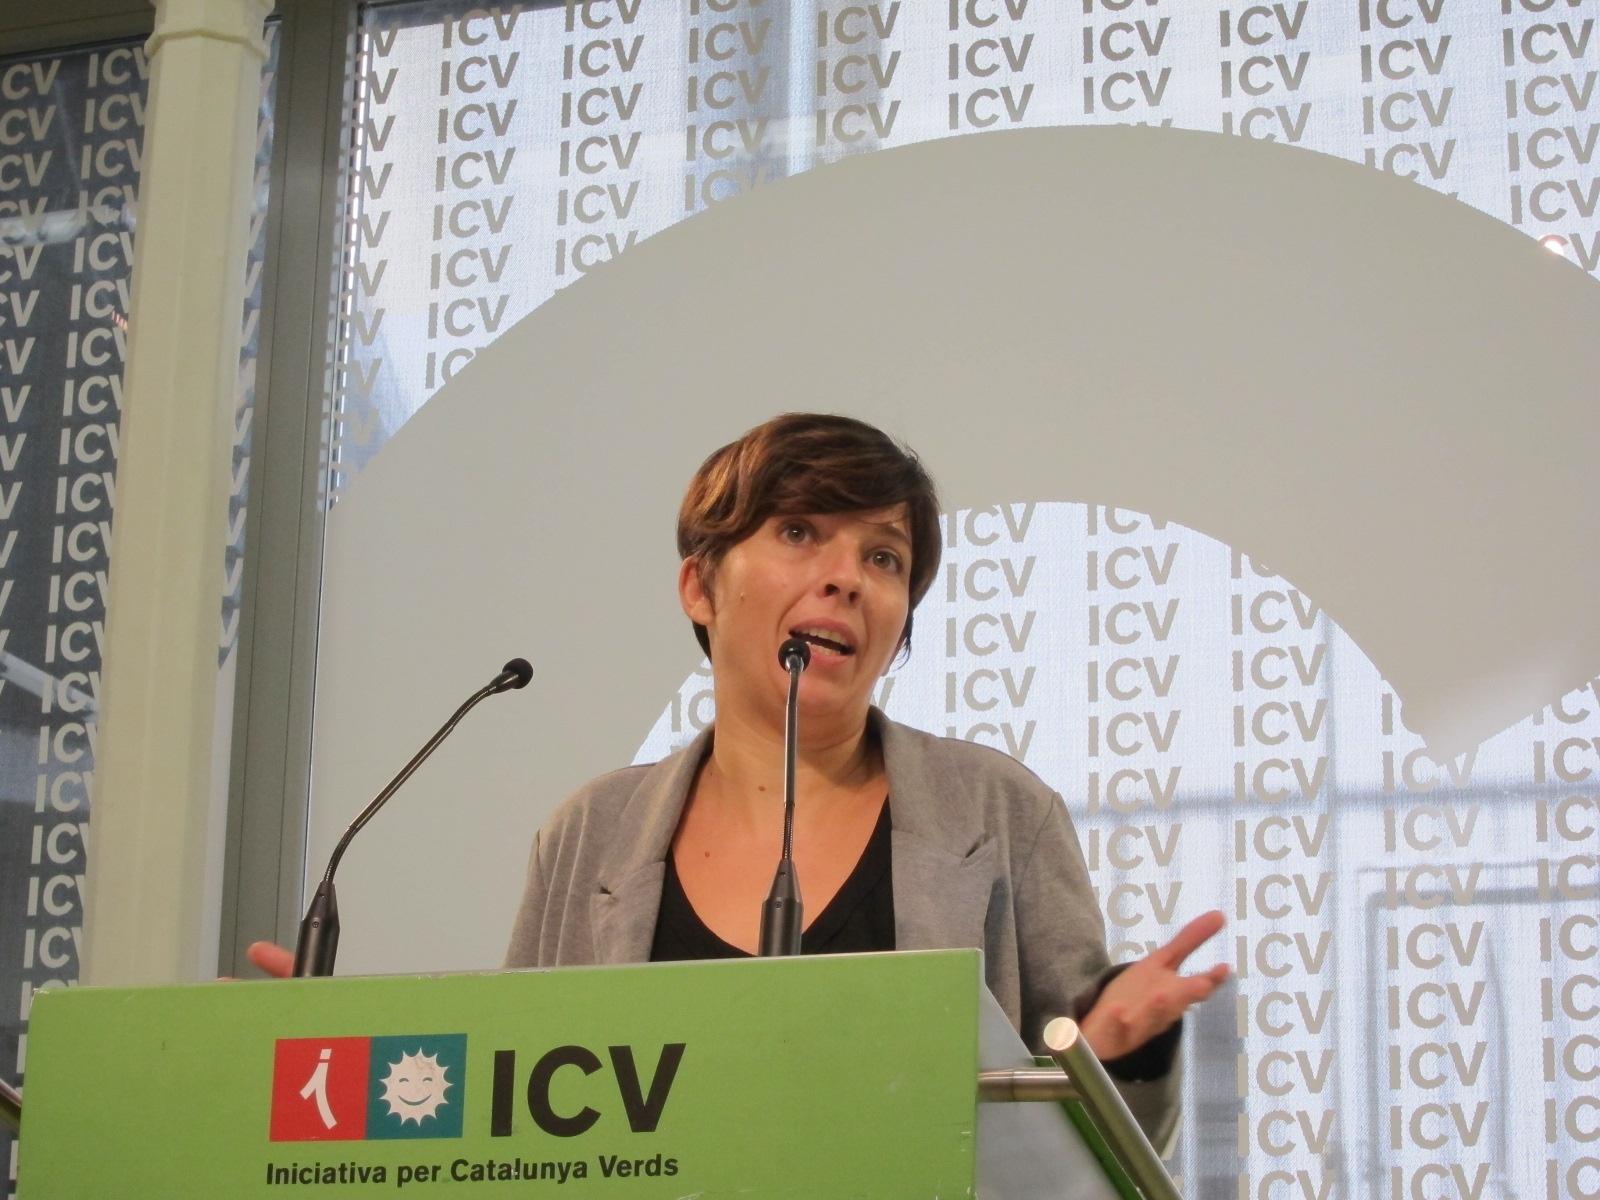 ICV pide a Defensa sanciones y acciones judiciales contra el general que, ante Cataluña, antepone patria a democracia